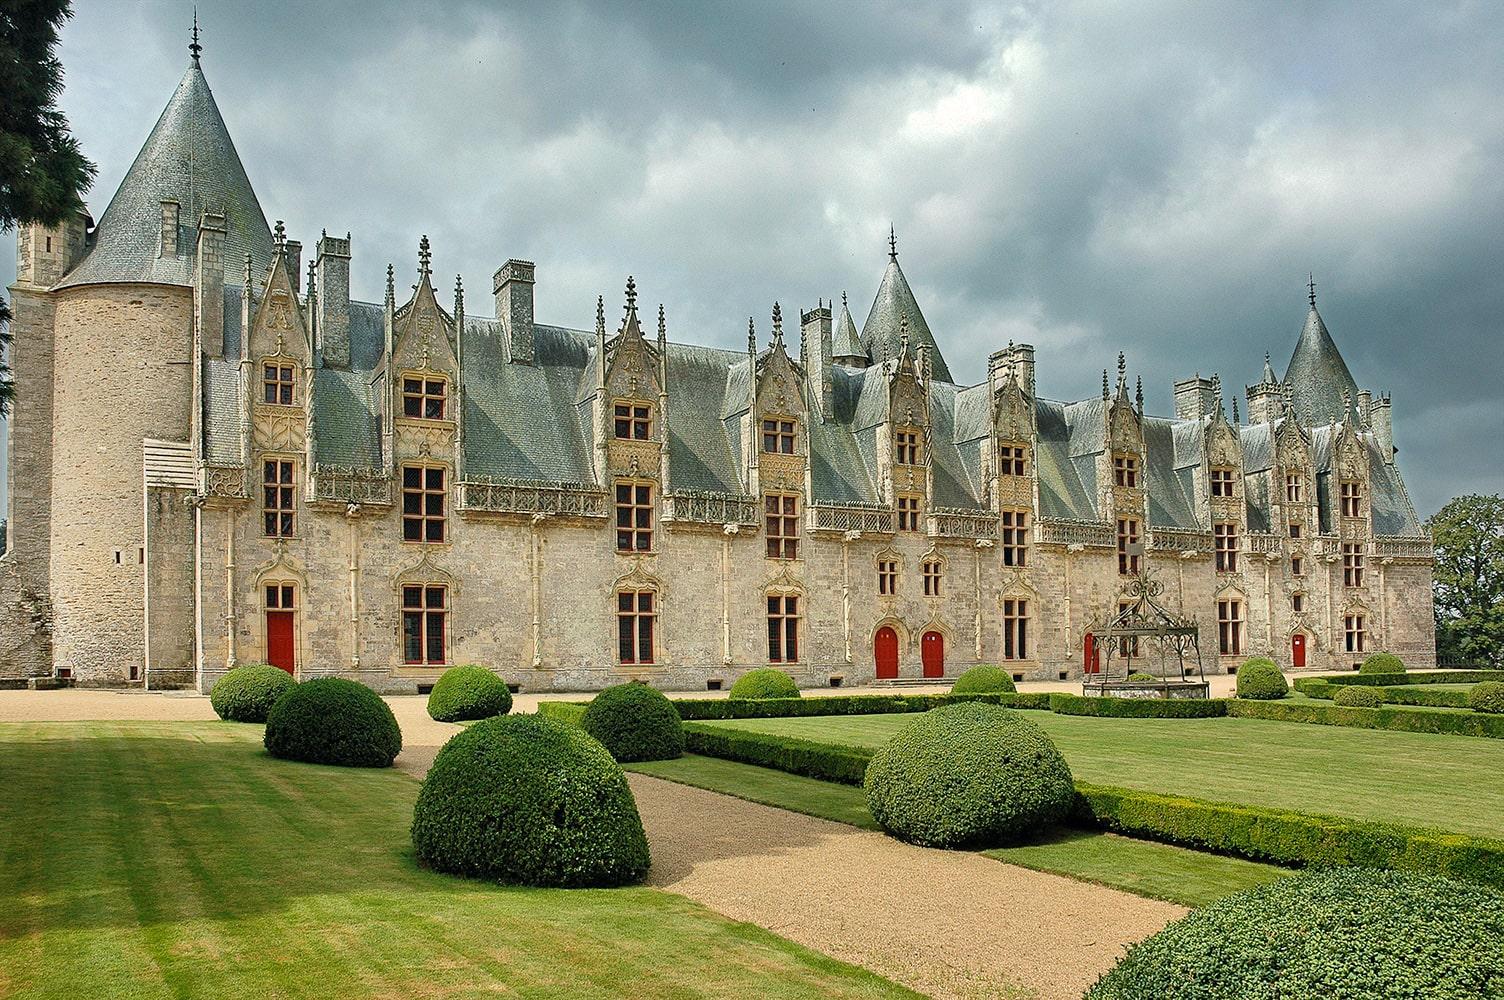 © Studio Niko : Chateau de Josselin